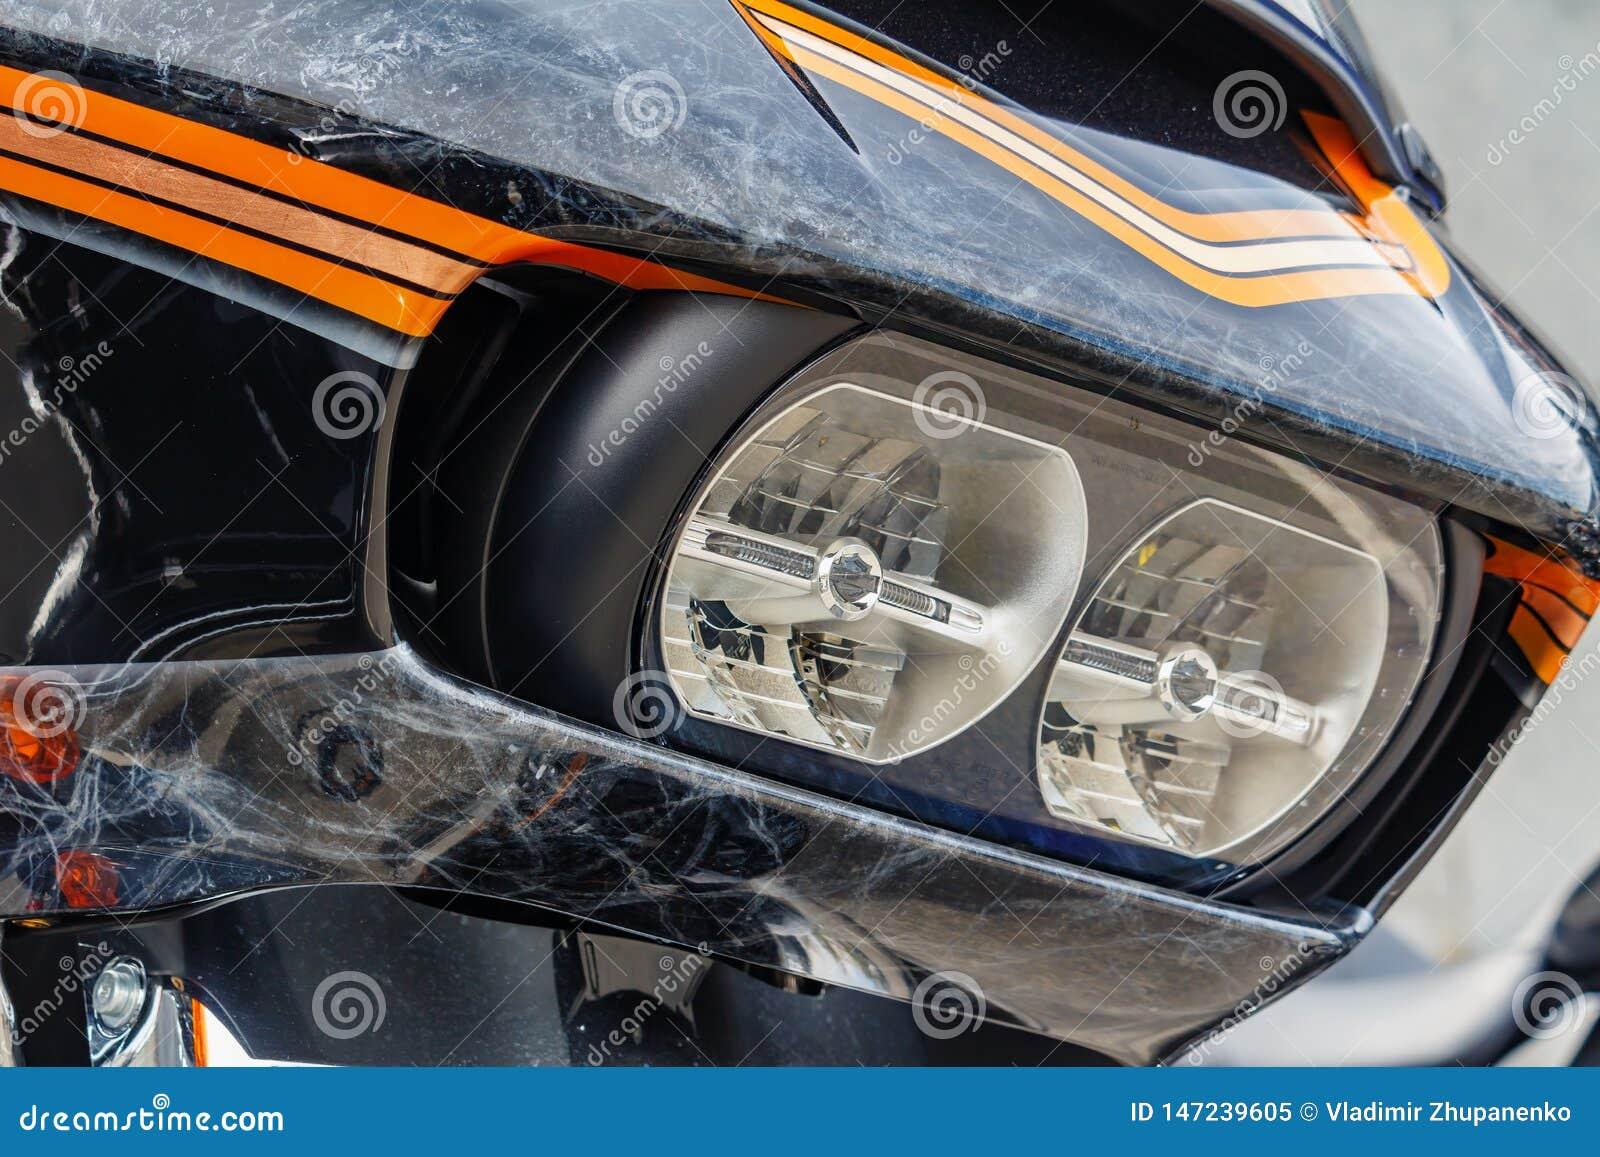 Mosca, Russia - 4 maggio 2019: Fari e schermo antivento con airbrushing del primo piano del motociclo di Harley Davidson Moto